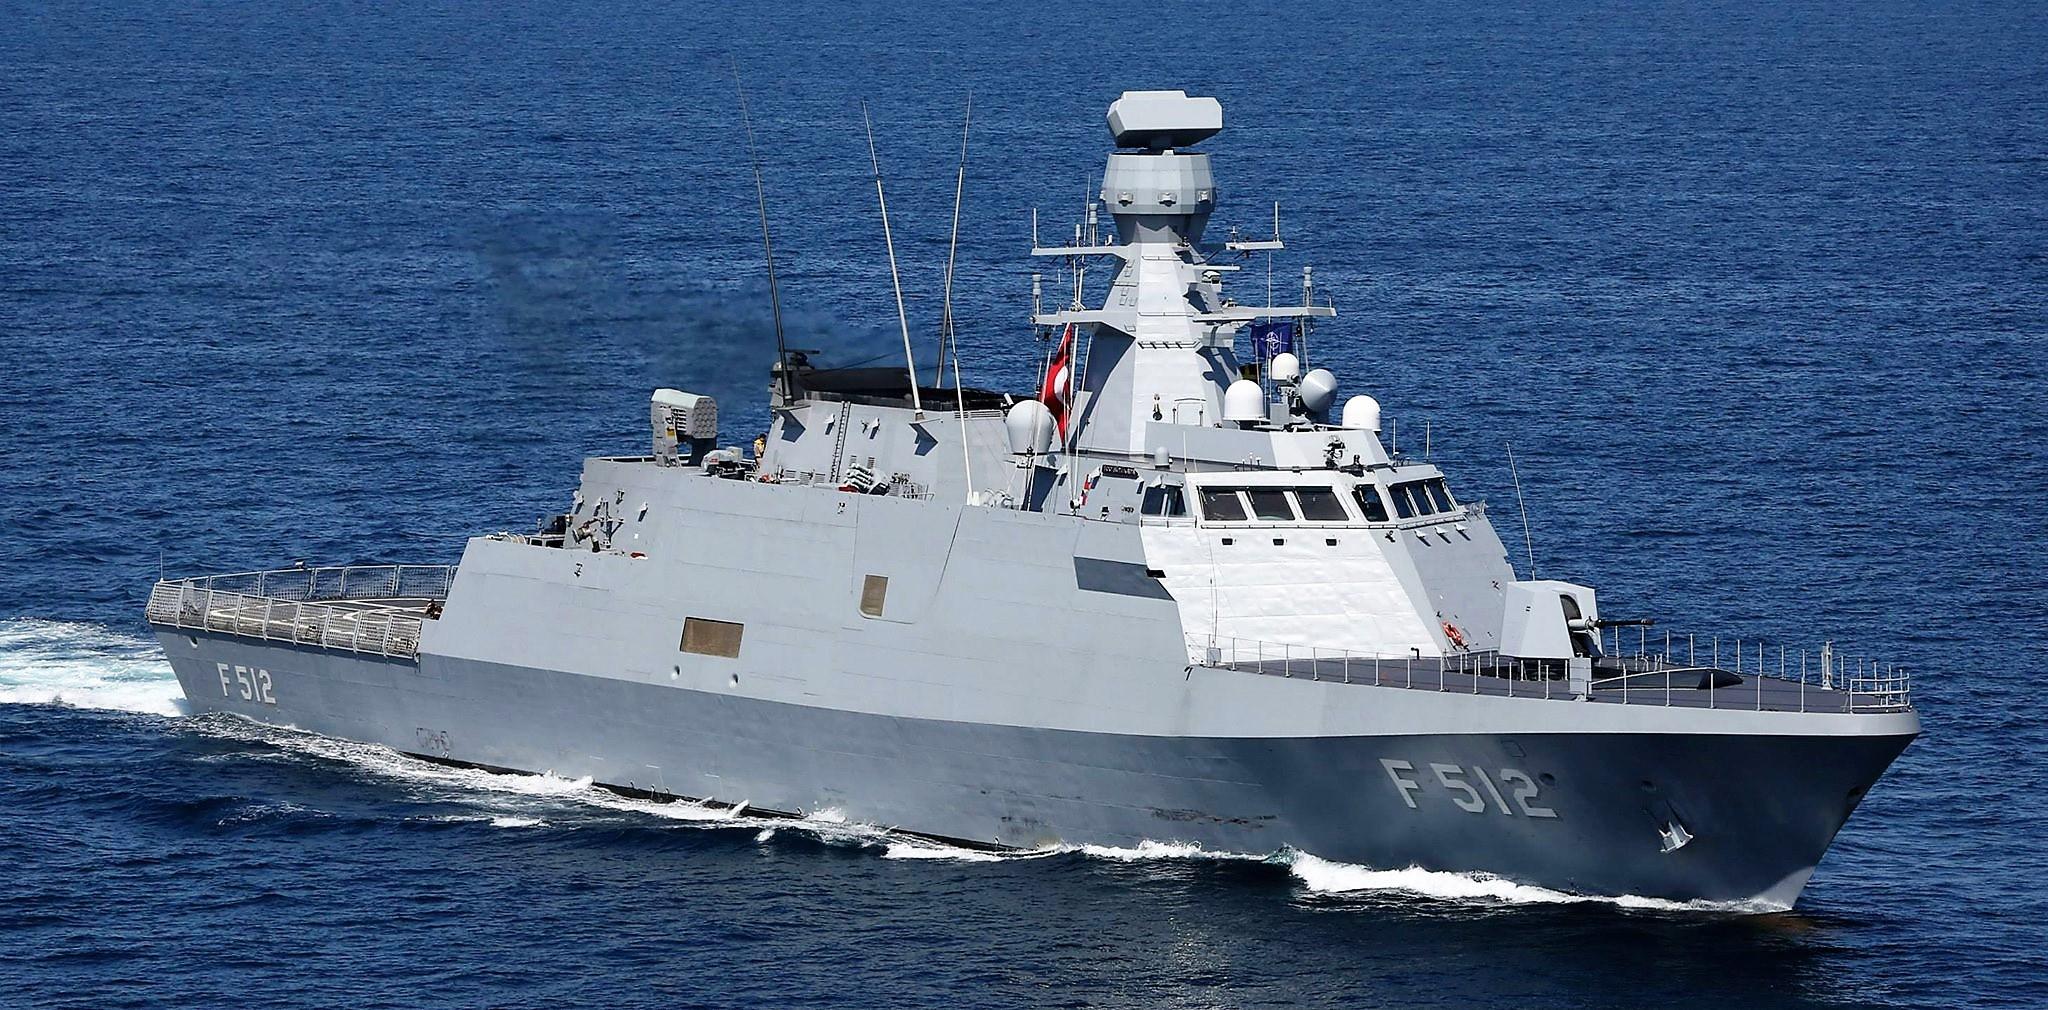 Корвет F 512 Büyükada проекта MILGEM ВМС Турции.